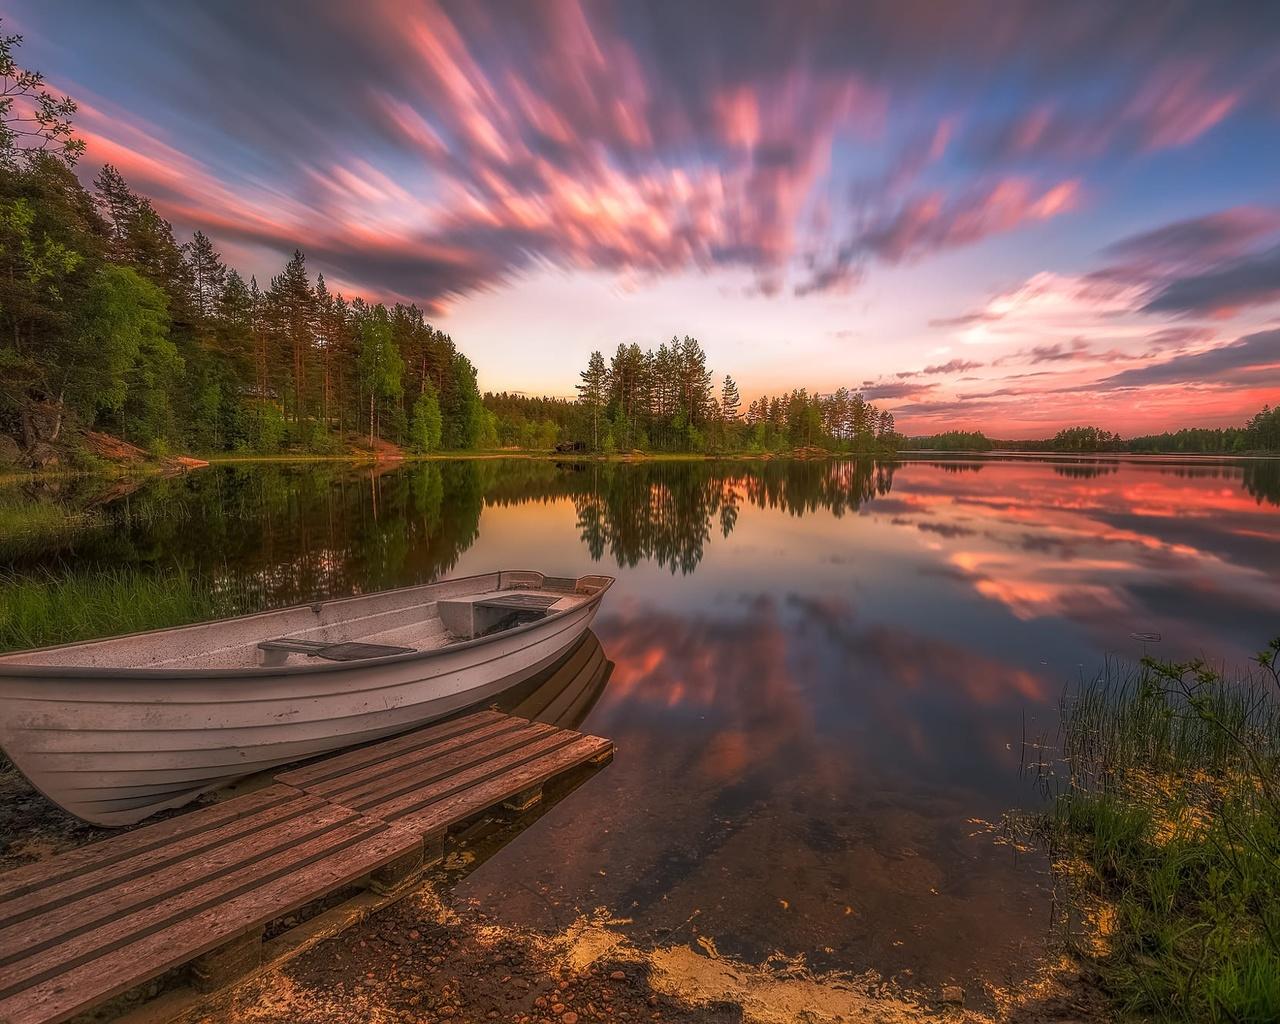 пейзаж, закат, природа, озеро, лодка, норвегия, леса, берега, norway, мосток, ringerike, ole henrik skjelstad